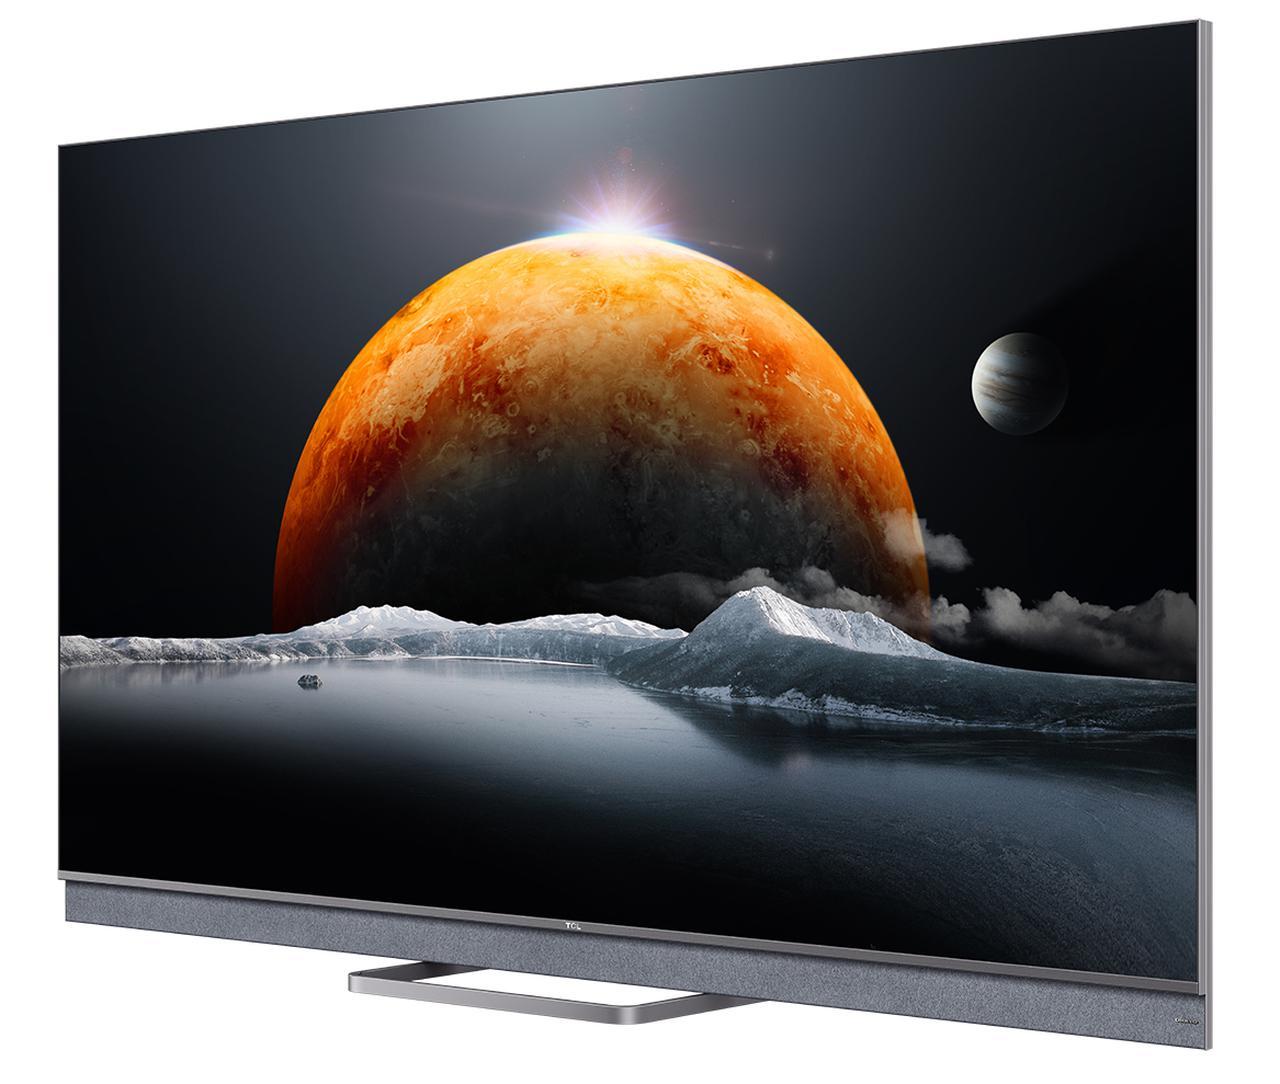 画像: TCL 55C825 オープン価格(実勢価格20万円前後) ●画面サイズ:55インチ ●解像度:水平3840×垂直2160画素 ●内蔵チューナー:地上デジタル×2、BS/110度CSデジタル×2、BS/CS4K×2 ●接続端子:HDMI入力3系統(うち1系統eARC対応)、ほか ●消費電力:250W ●寸法/質量:W1,227×H772×D255mm/22.4kg ●問合せ先:TCLエレクトロニクスジャパン